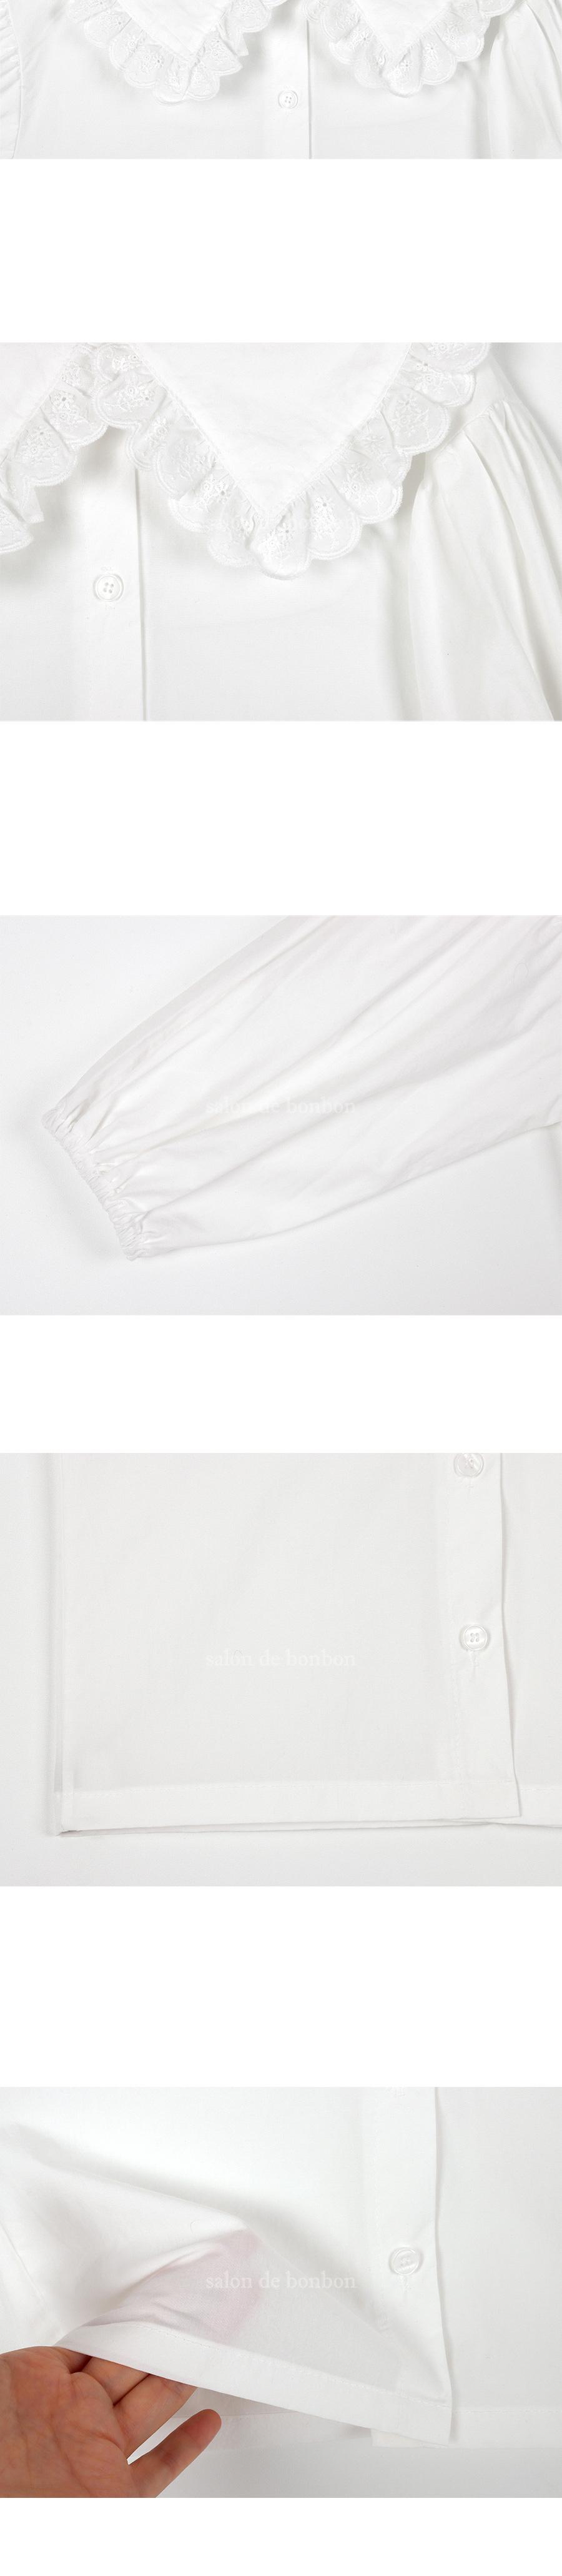 멜빵 스커트/바지 상품상세 이미지-S1L17